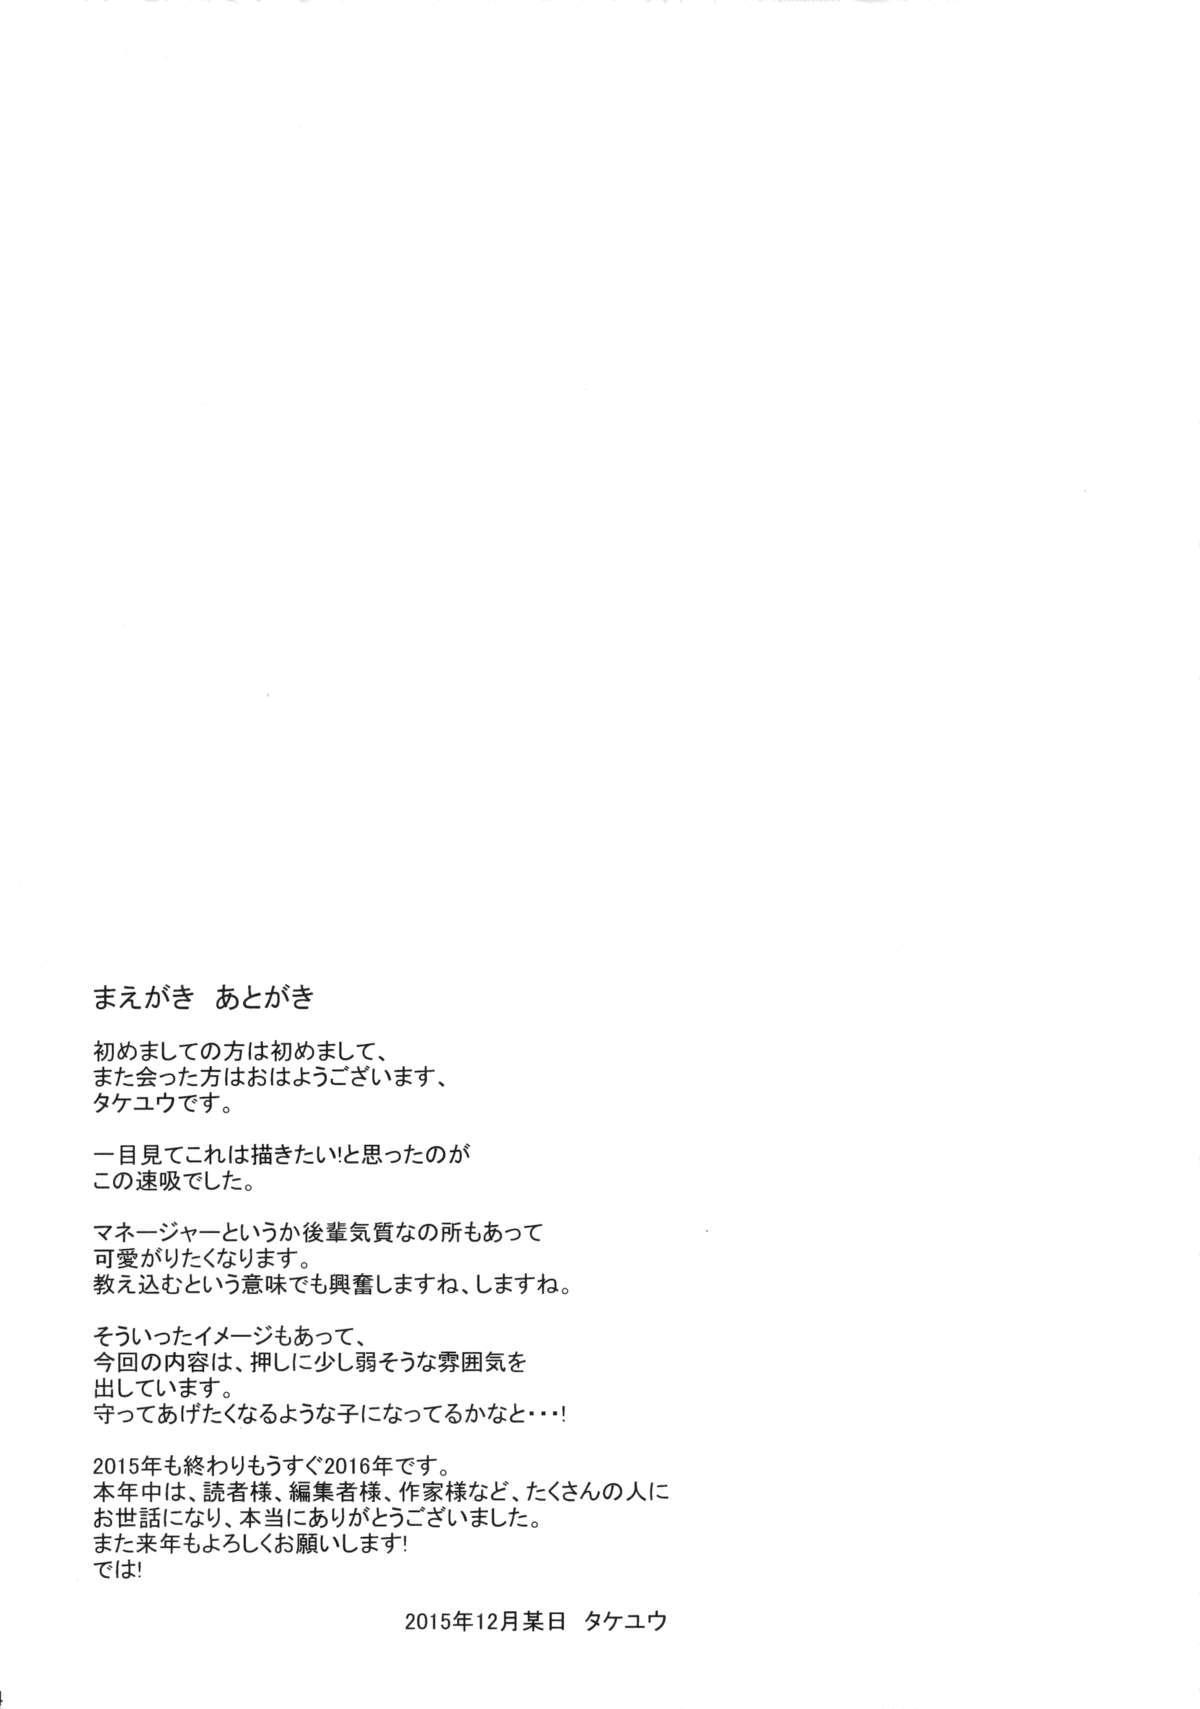 Hontou ni Suki desu ka? 2